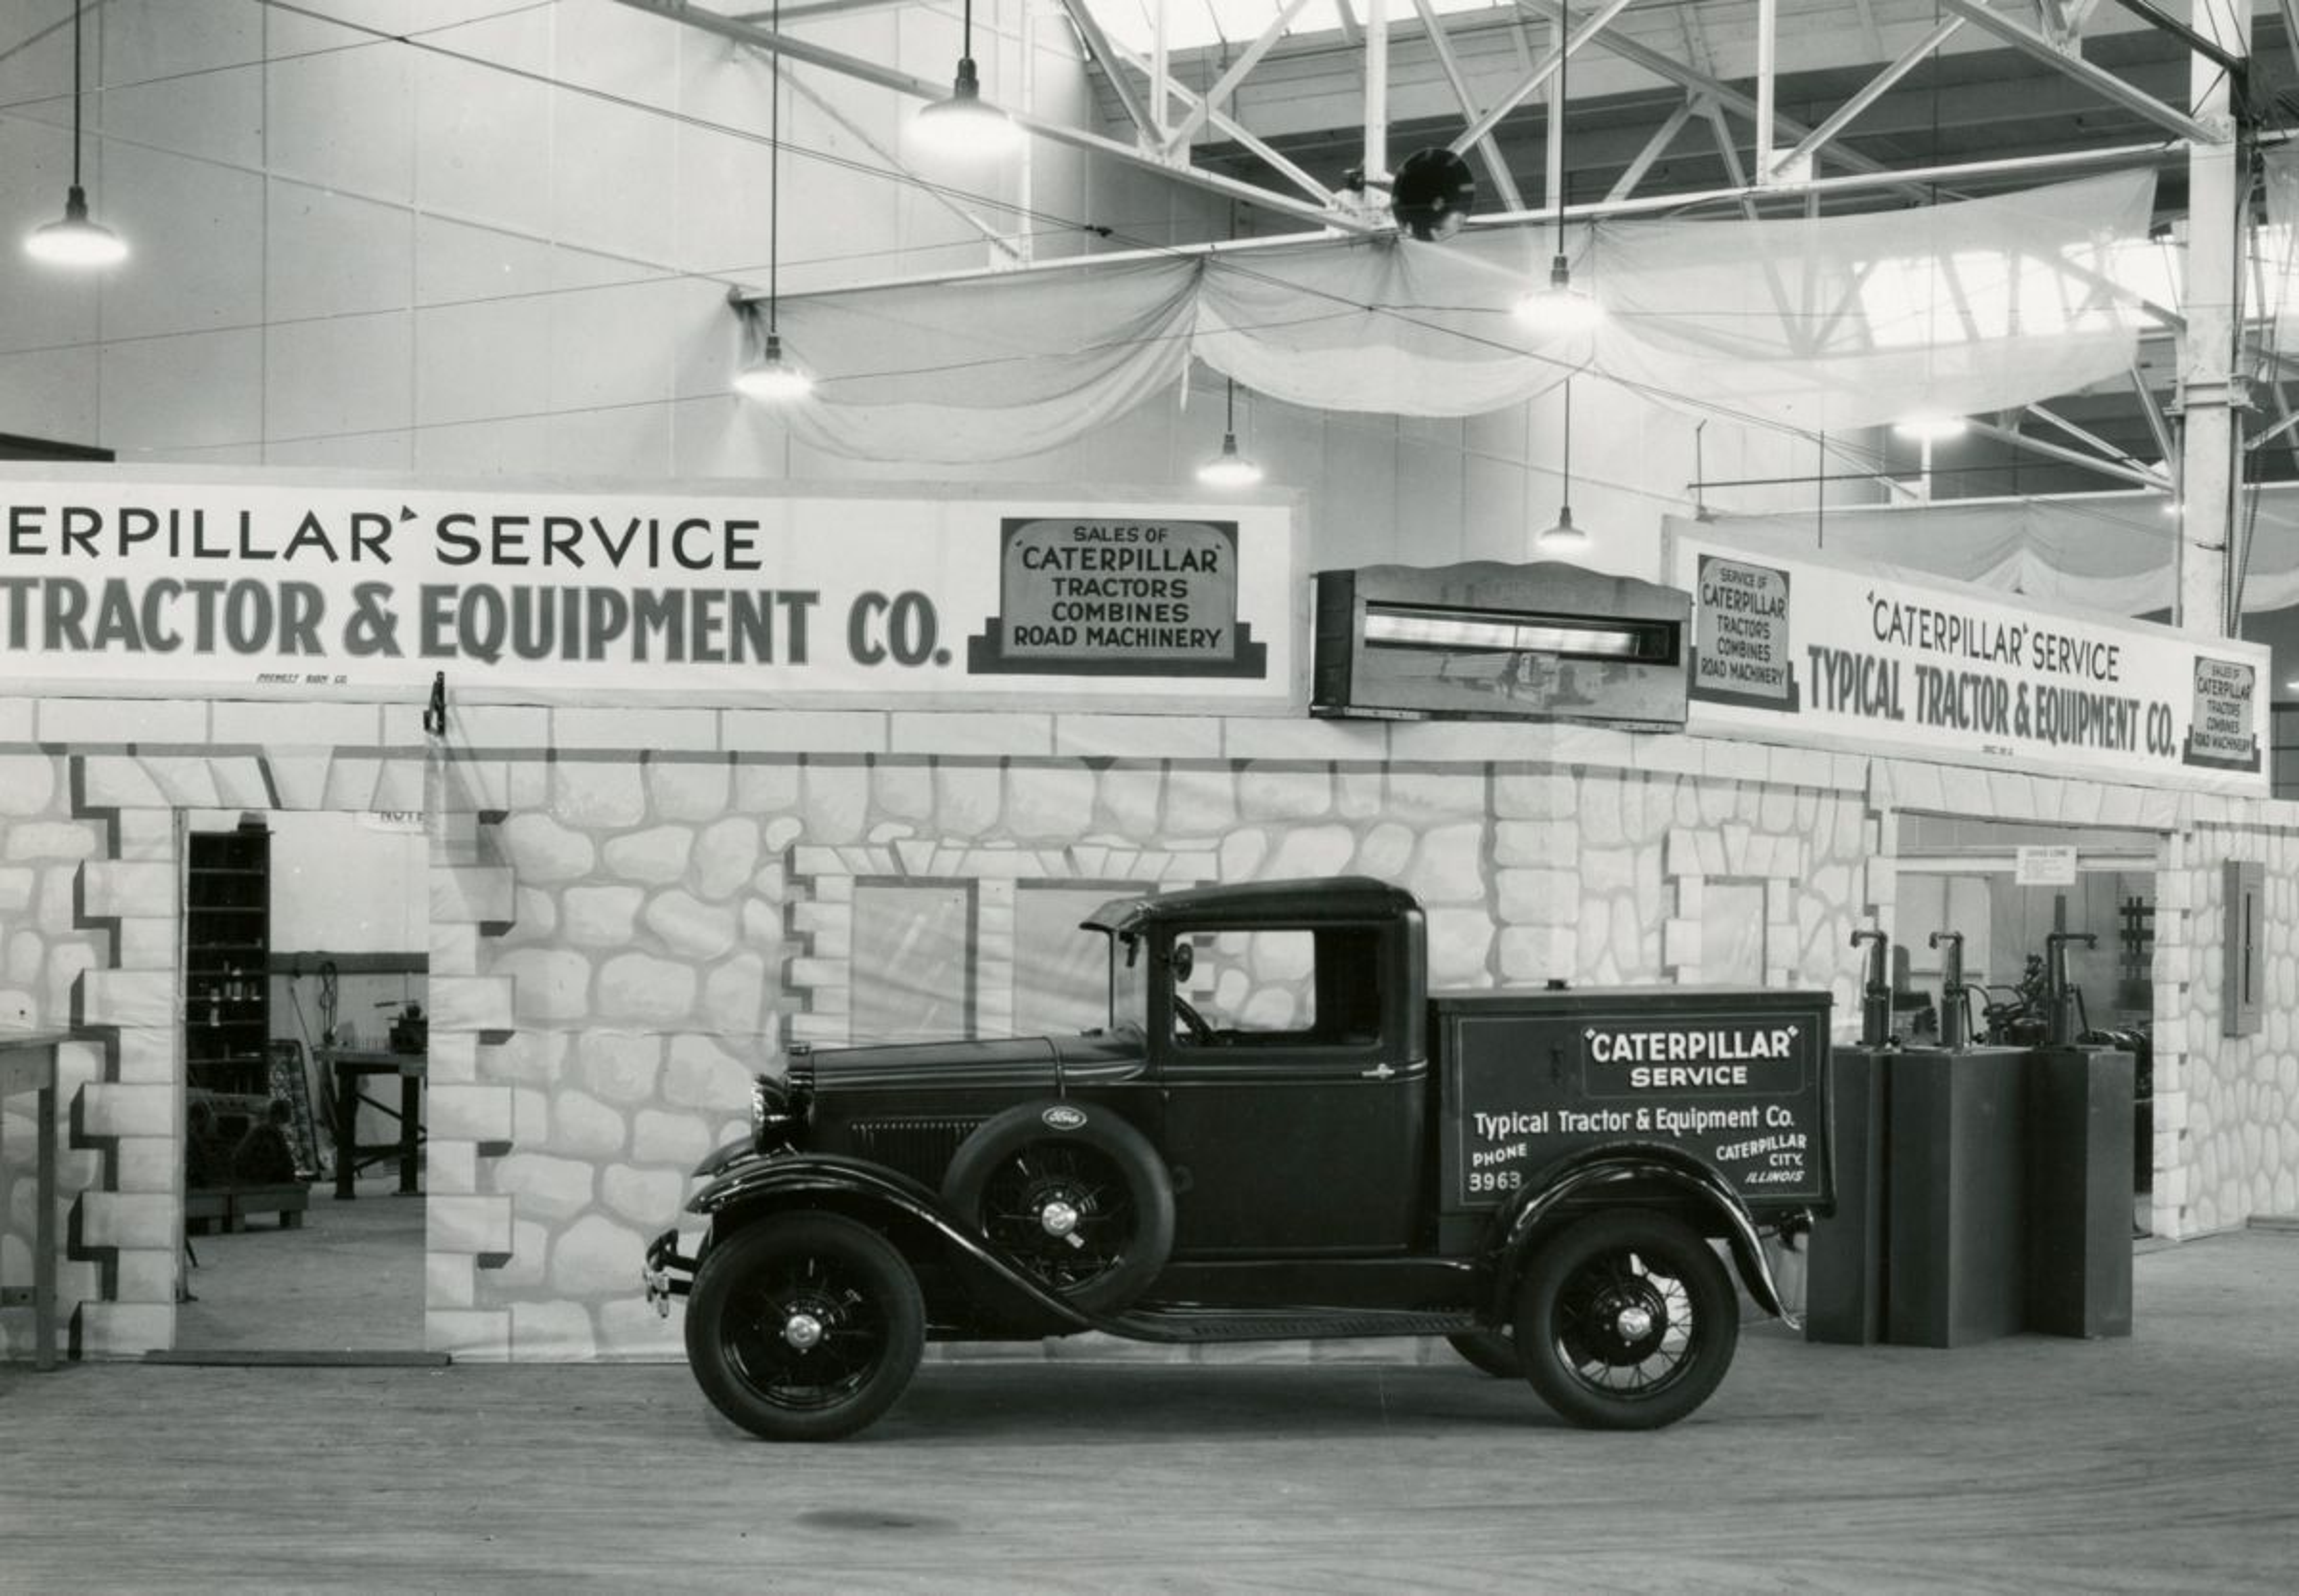 Caterpillar Showroom, East Peoria Plant, ca. 1930.